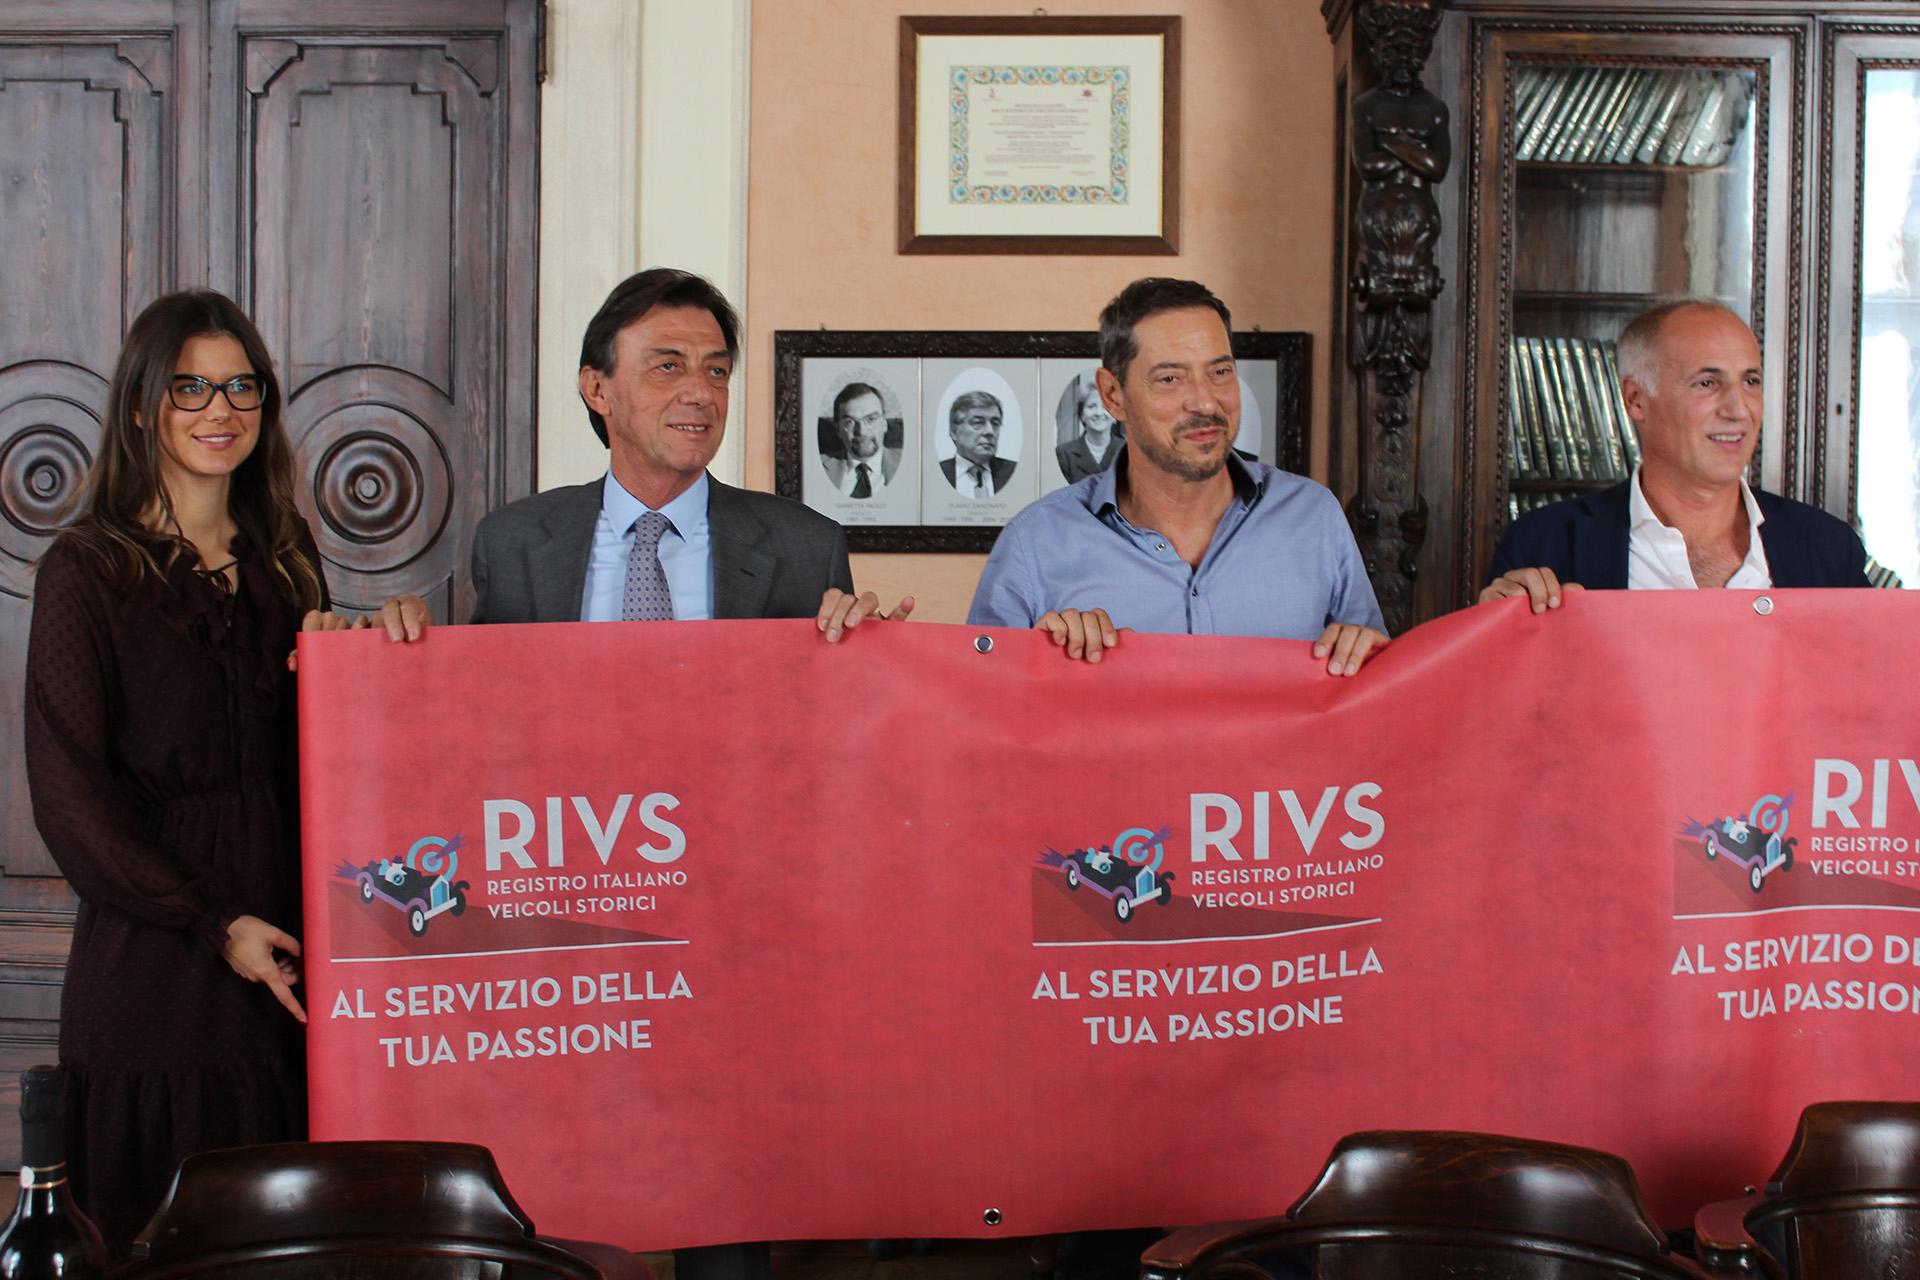 Taira Nicoletto (Presidente ACSI Padova) - Sergio Giordani (Sindaco di Padova) - Rossano Nicoletto (Presidente RIVS) - Diego Bonaviva (Assessore allo Sport)